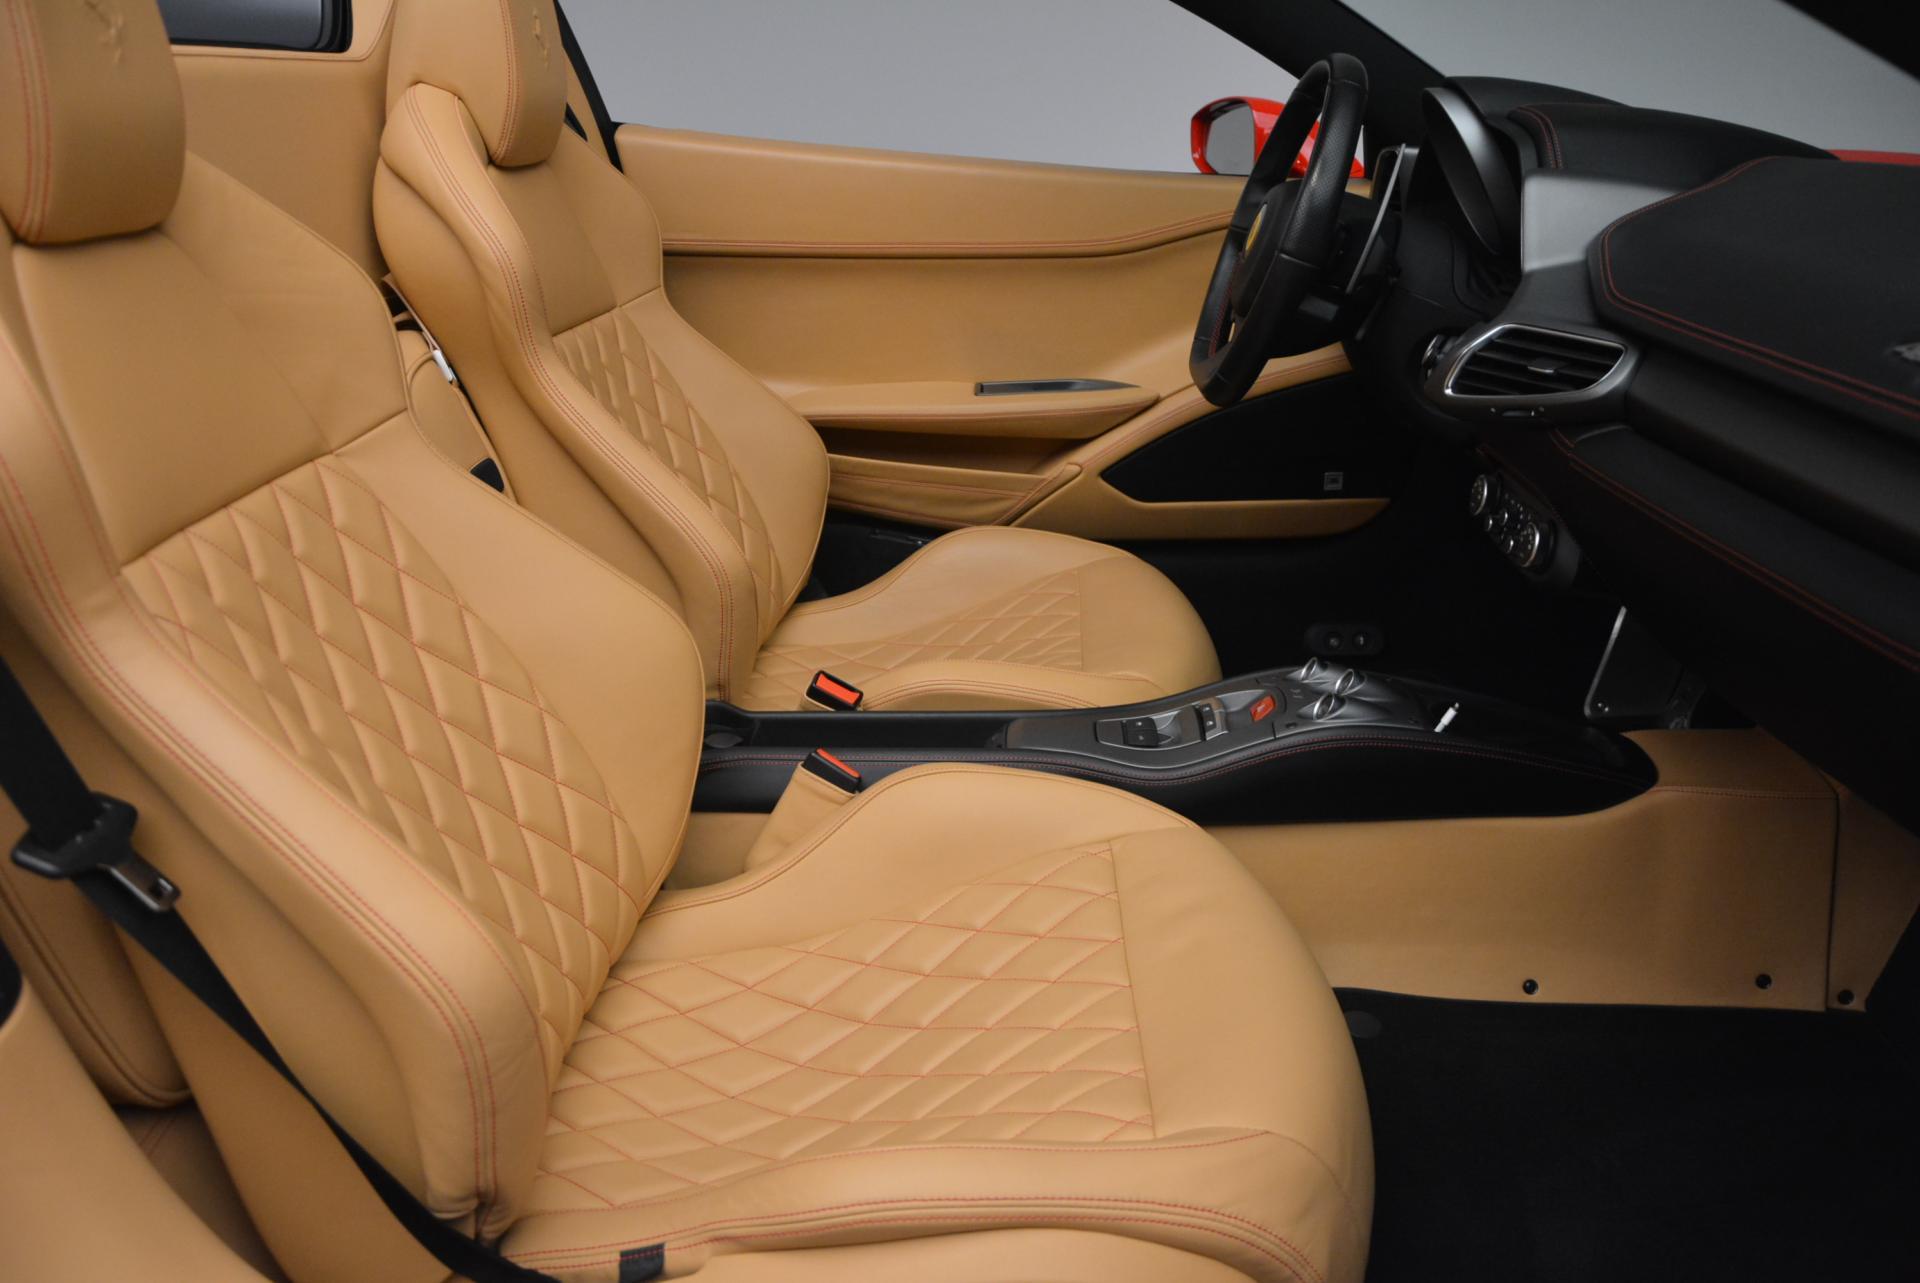 Used 2013 Ferrari 458 Spider  For Sale In Greenwich, CT. Alfa Romeo of Greenwich, 4341 537_p30